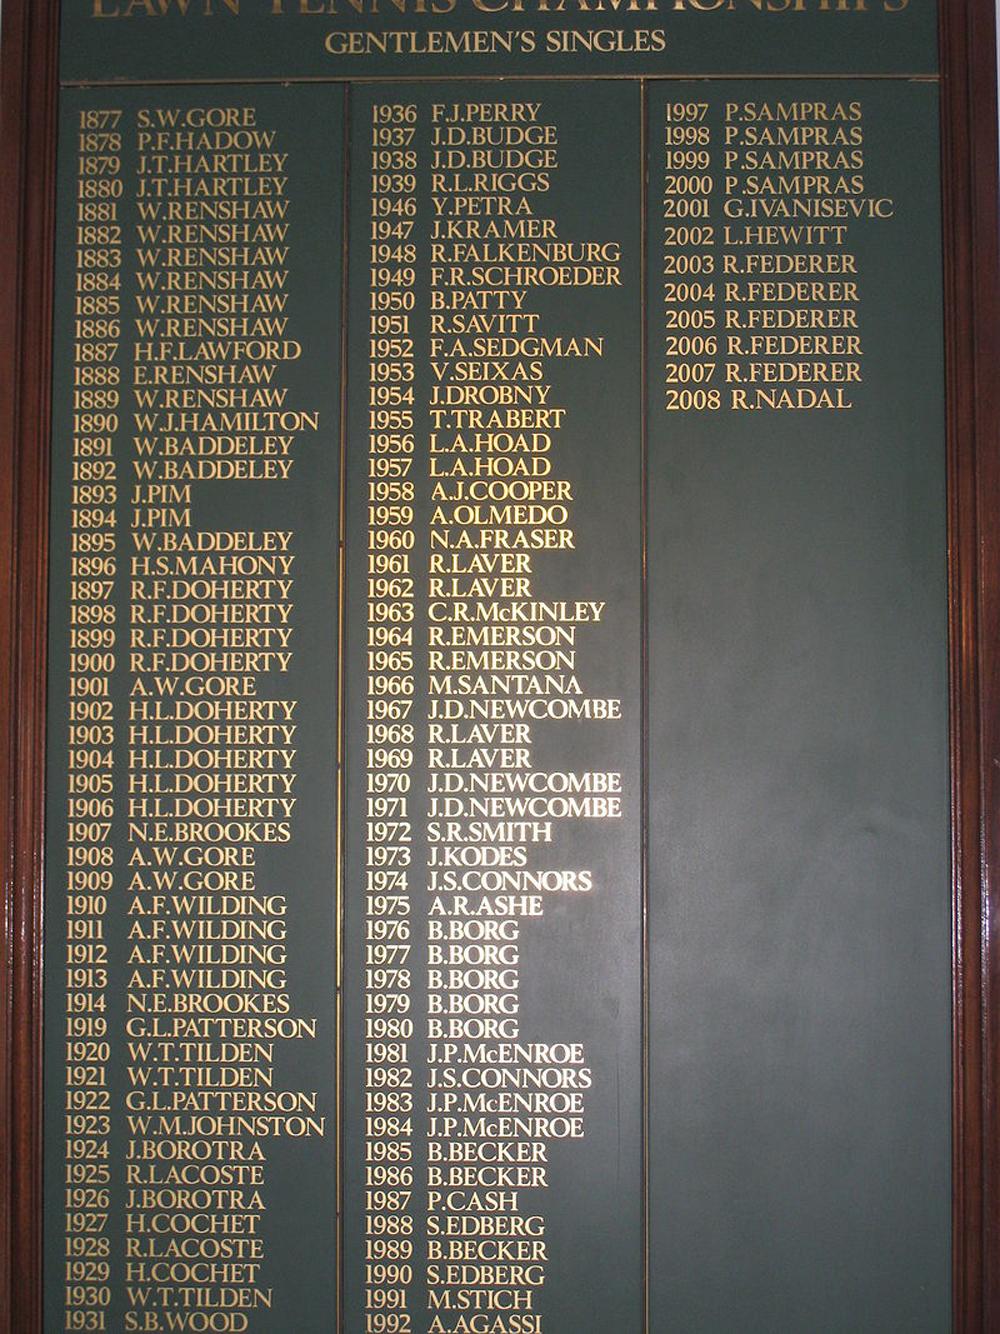 Доска почёта с именами чемпионов в мужском одиночном разряде с 1877 по 2008 год